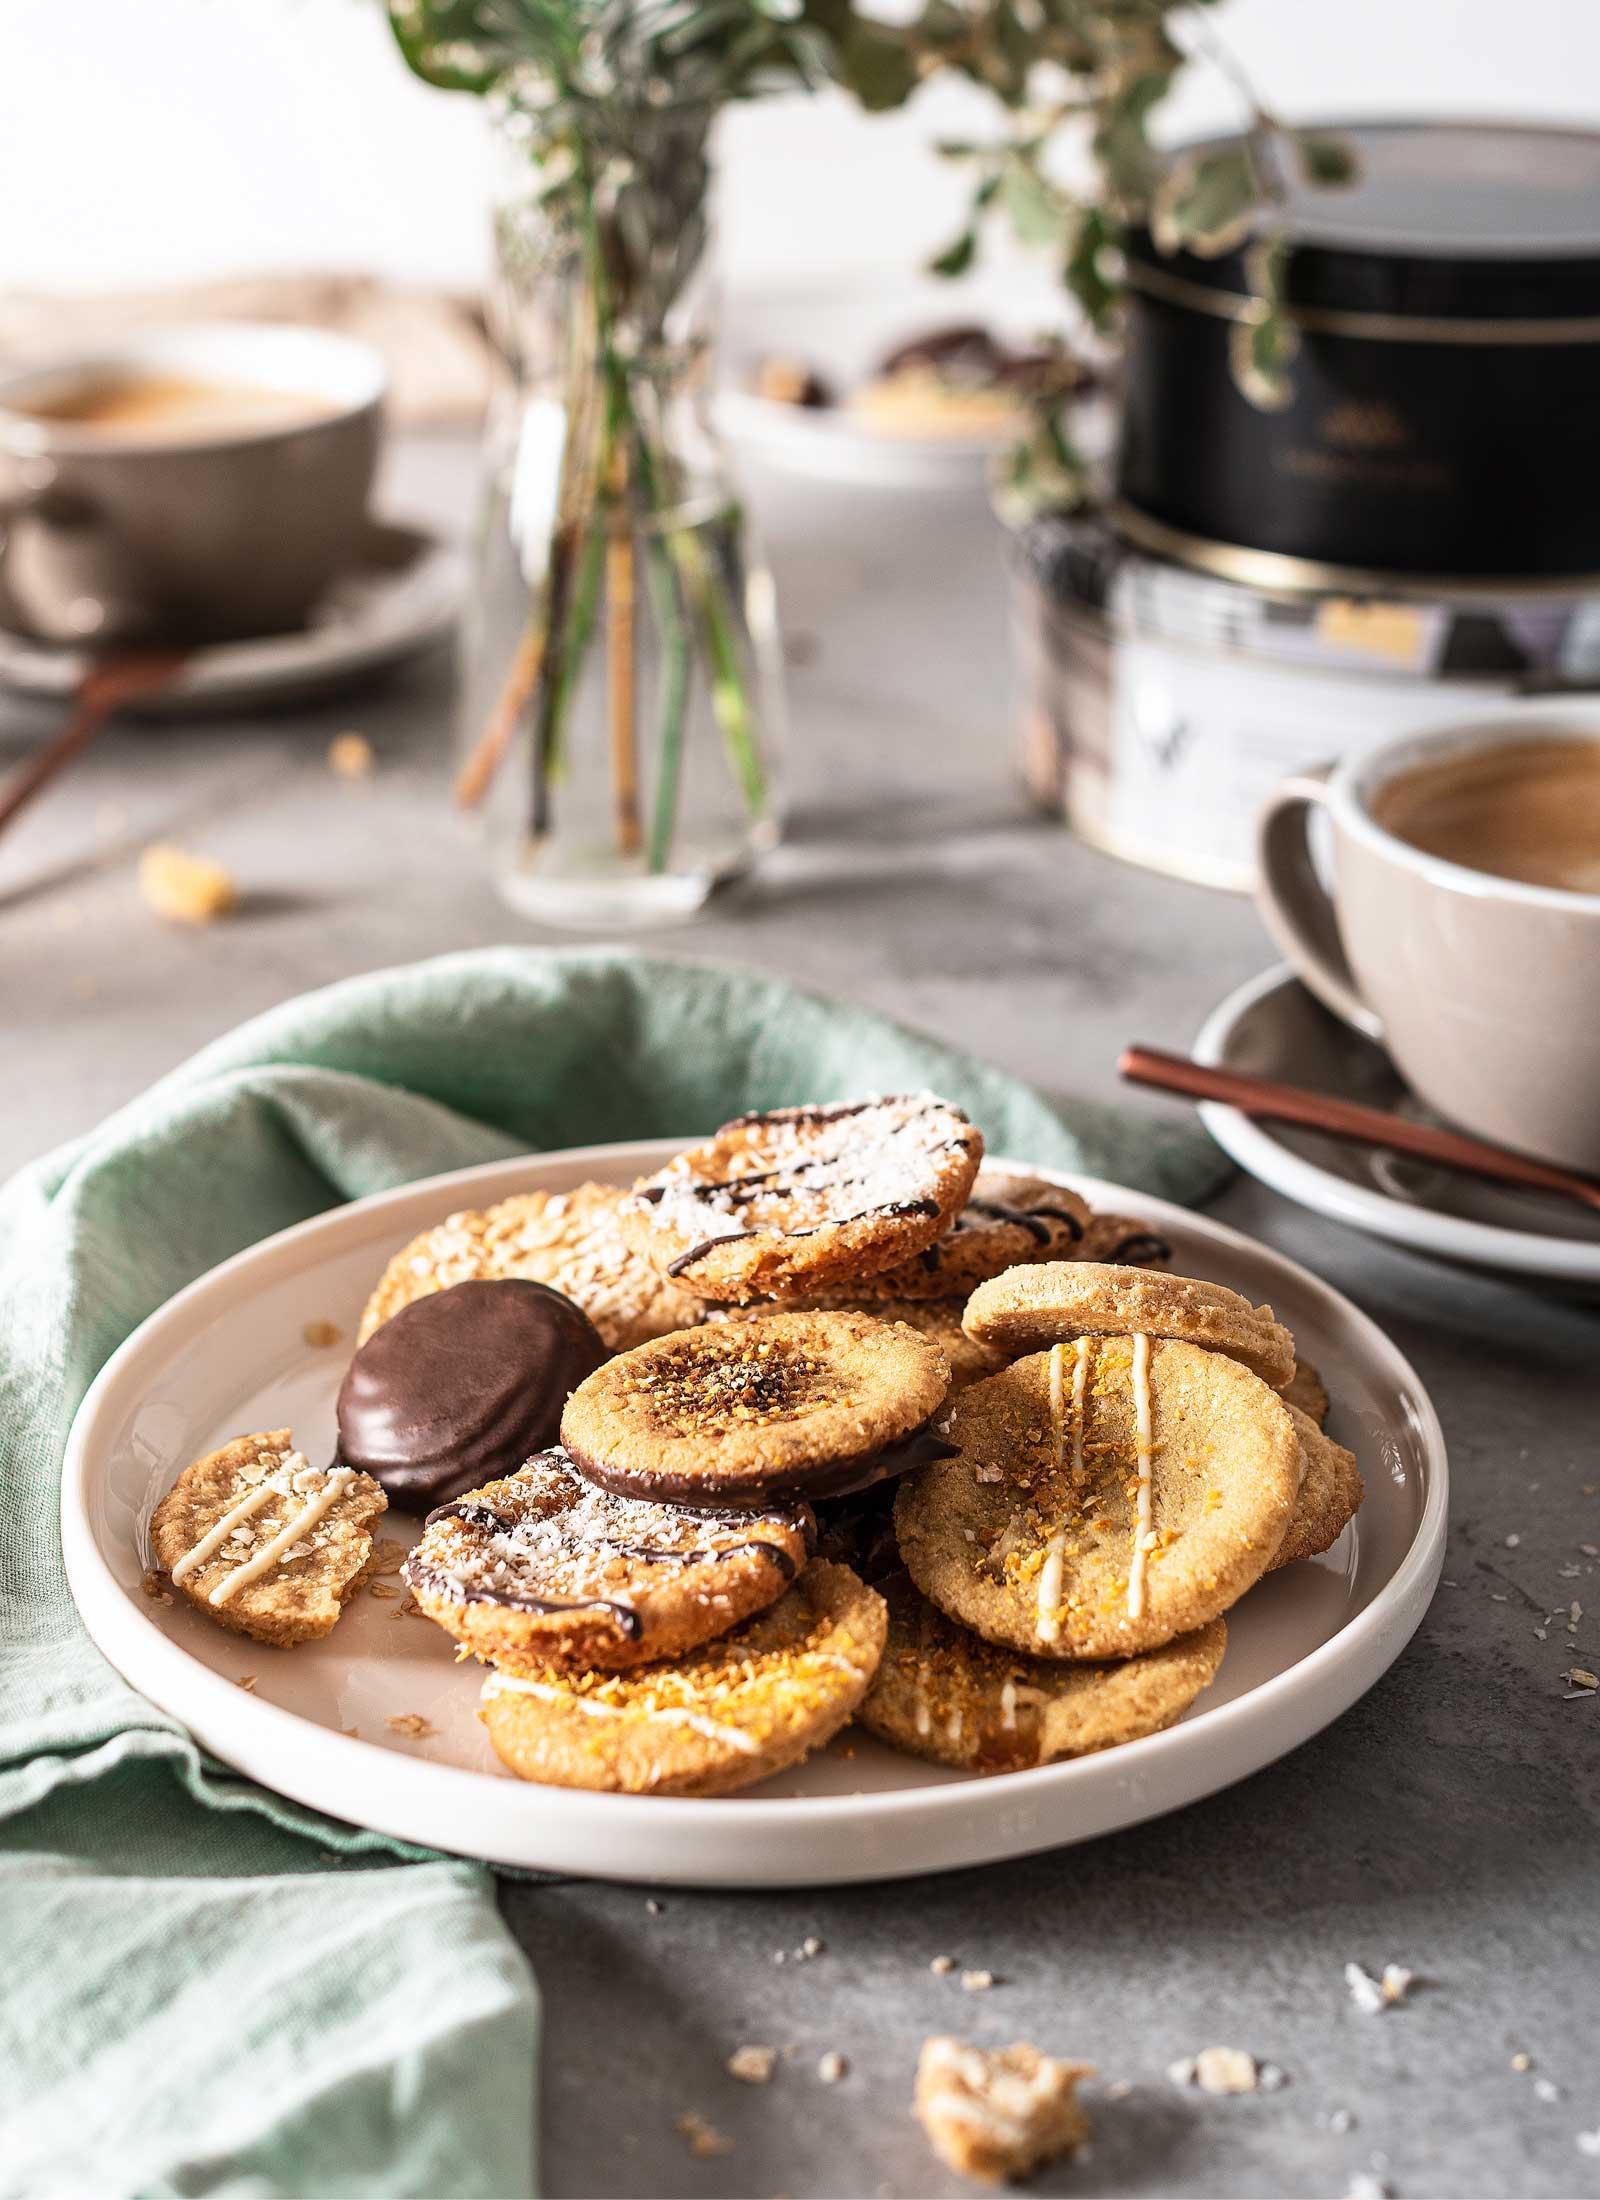 compartir-galletas-cafe-varsovienne-estudio-como